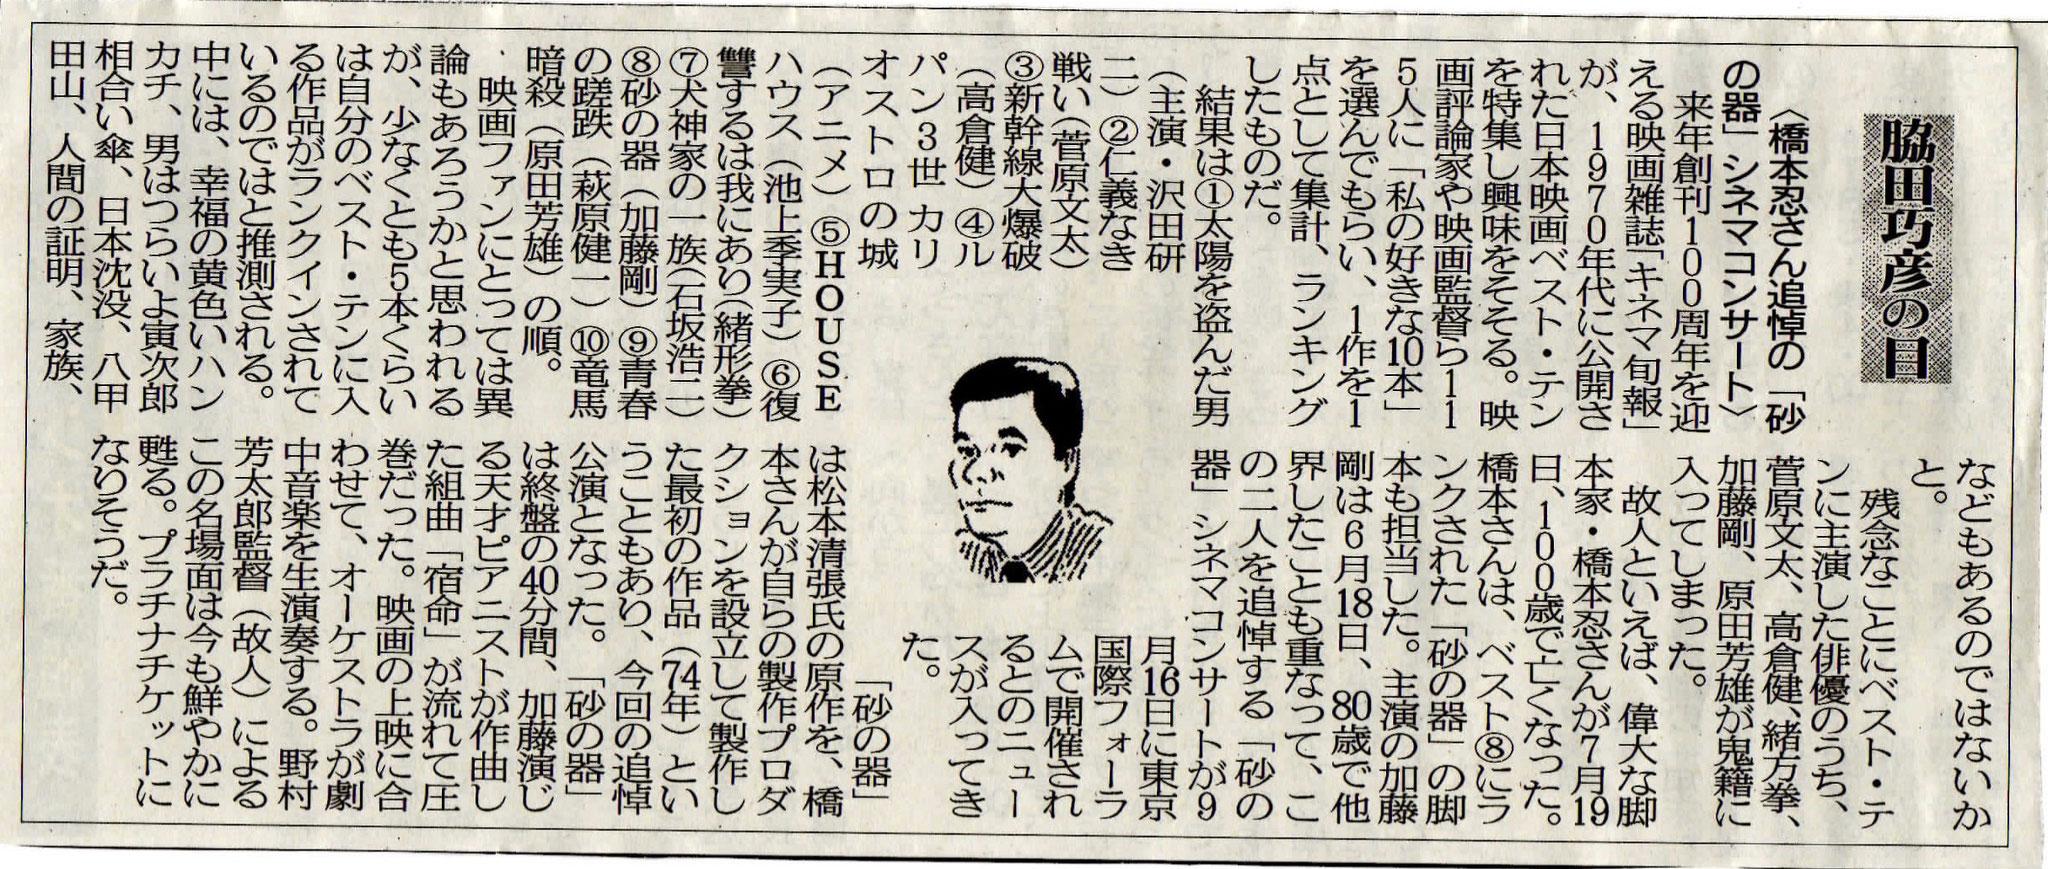 2018年08月04日 橋本忍さん追悼の「砂の器」シネマコンサート